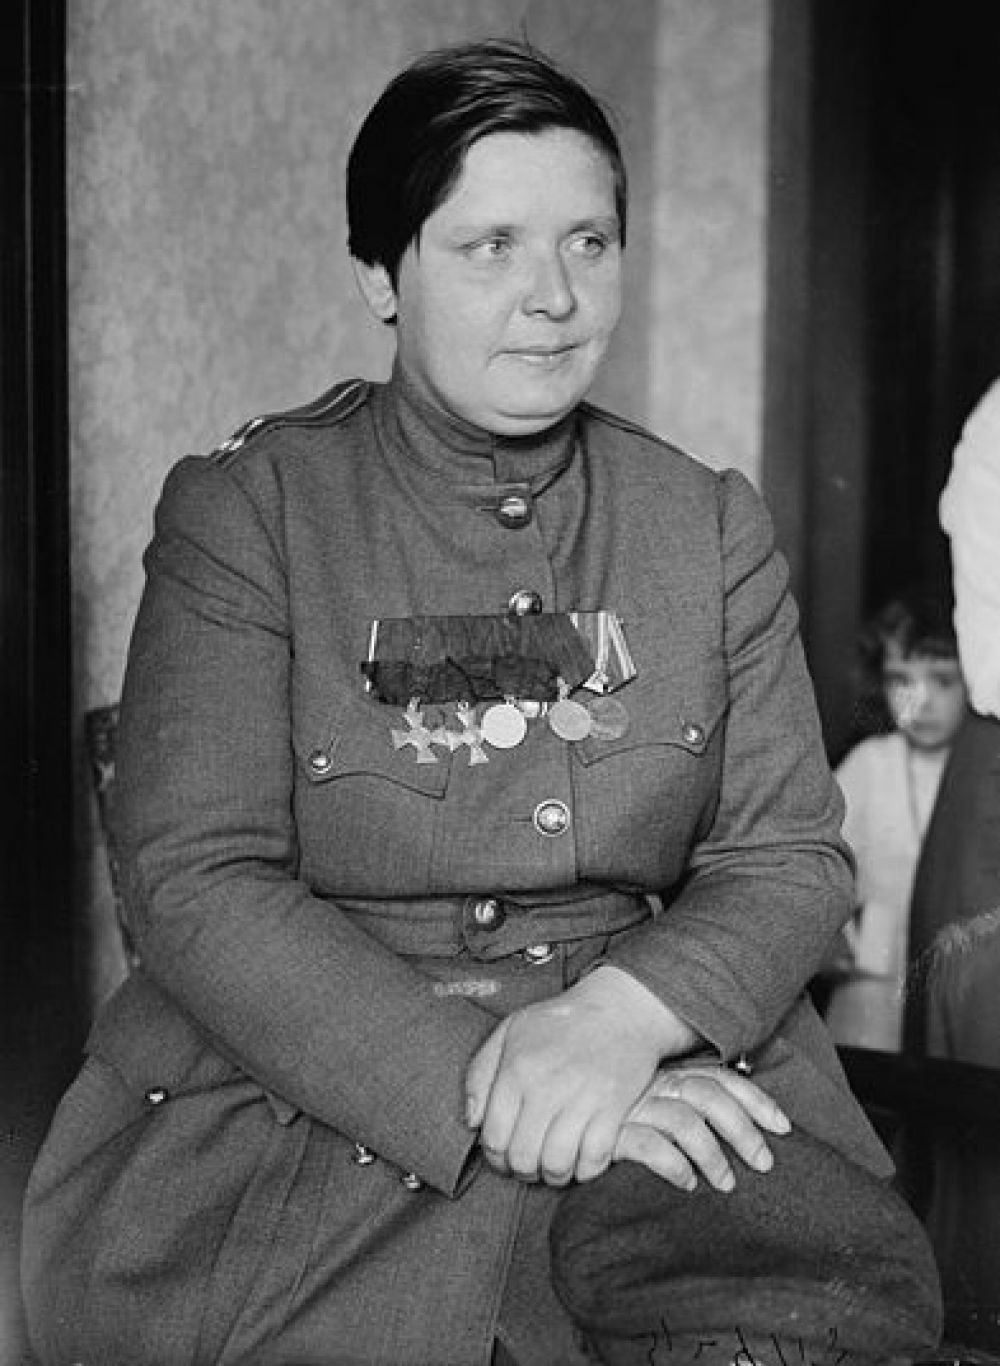 В годы первой Мировой войны женский батальон создала Мария Бочкарева. Крестьянка отправилась на фронт в 1914 году. Была награждена двумя Георгиевскими крестами.